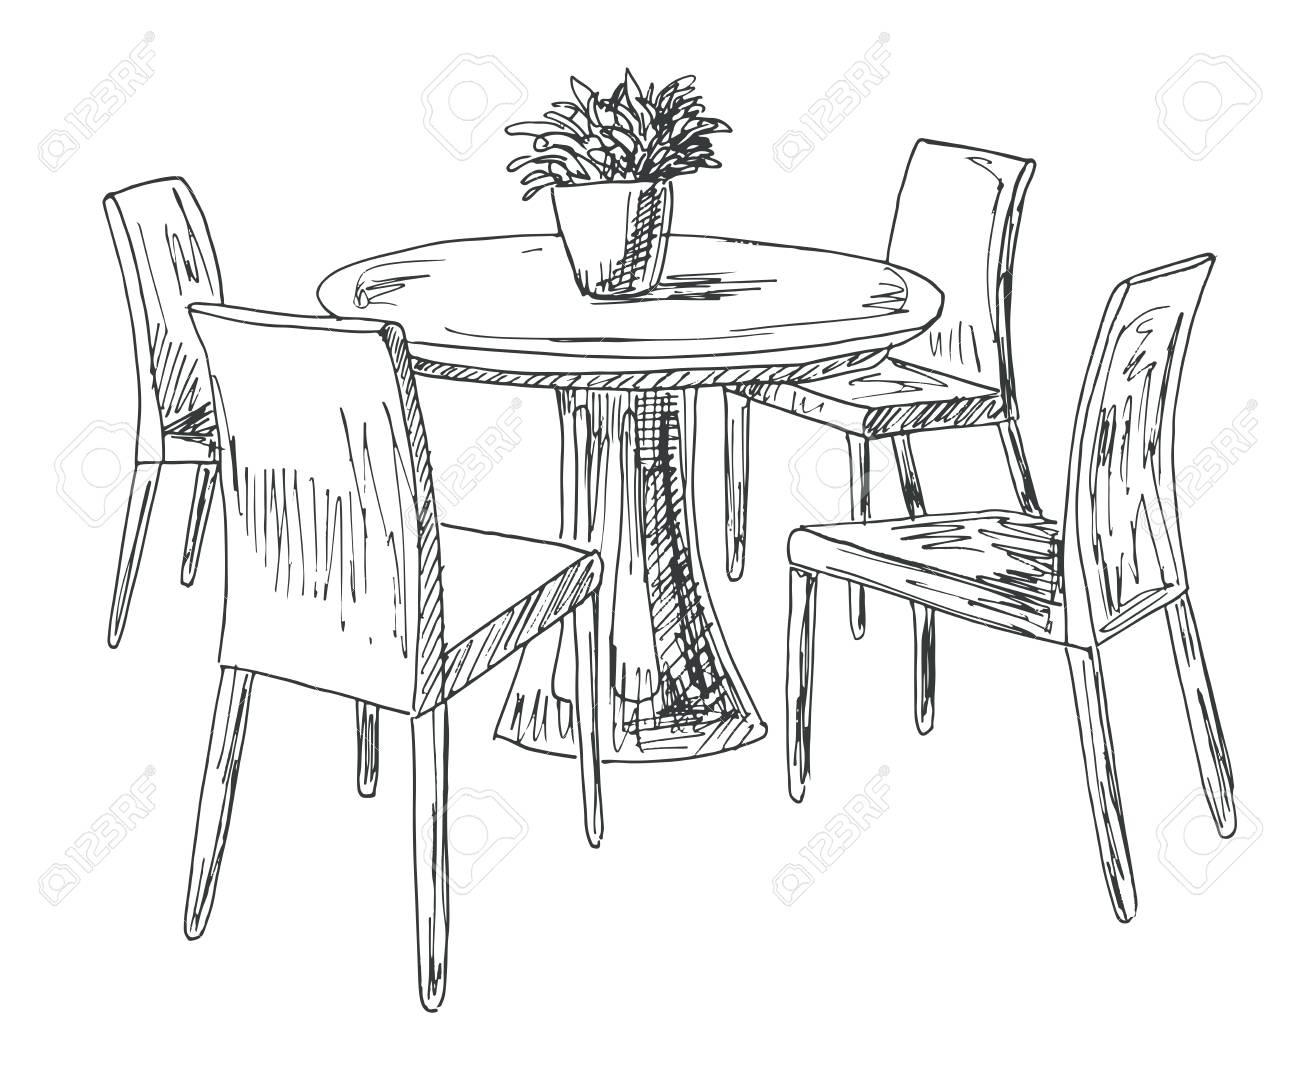 ManoIlustración De Redonda SillasEn Vector Y FloresBoceto Jarrón Dibujado A ComedorMesa Del Parte El VqzpGLUSM